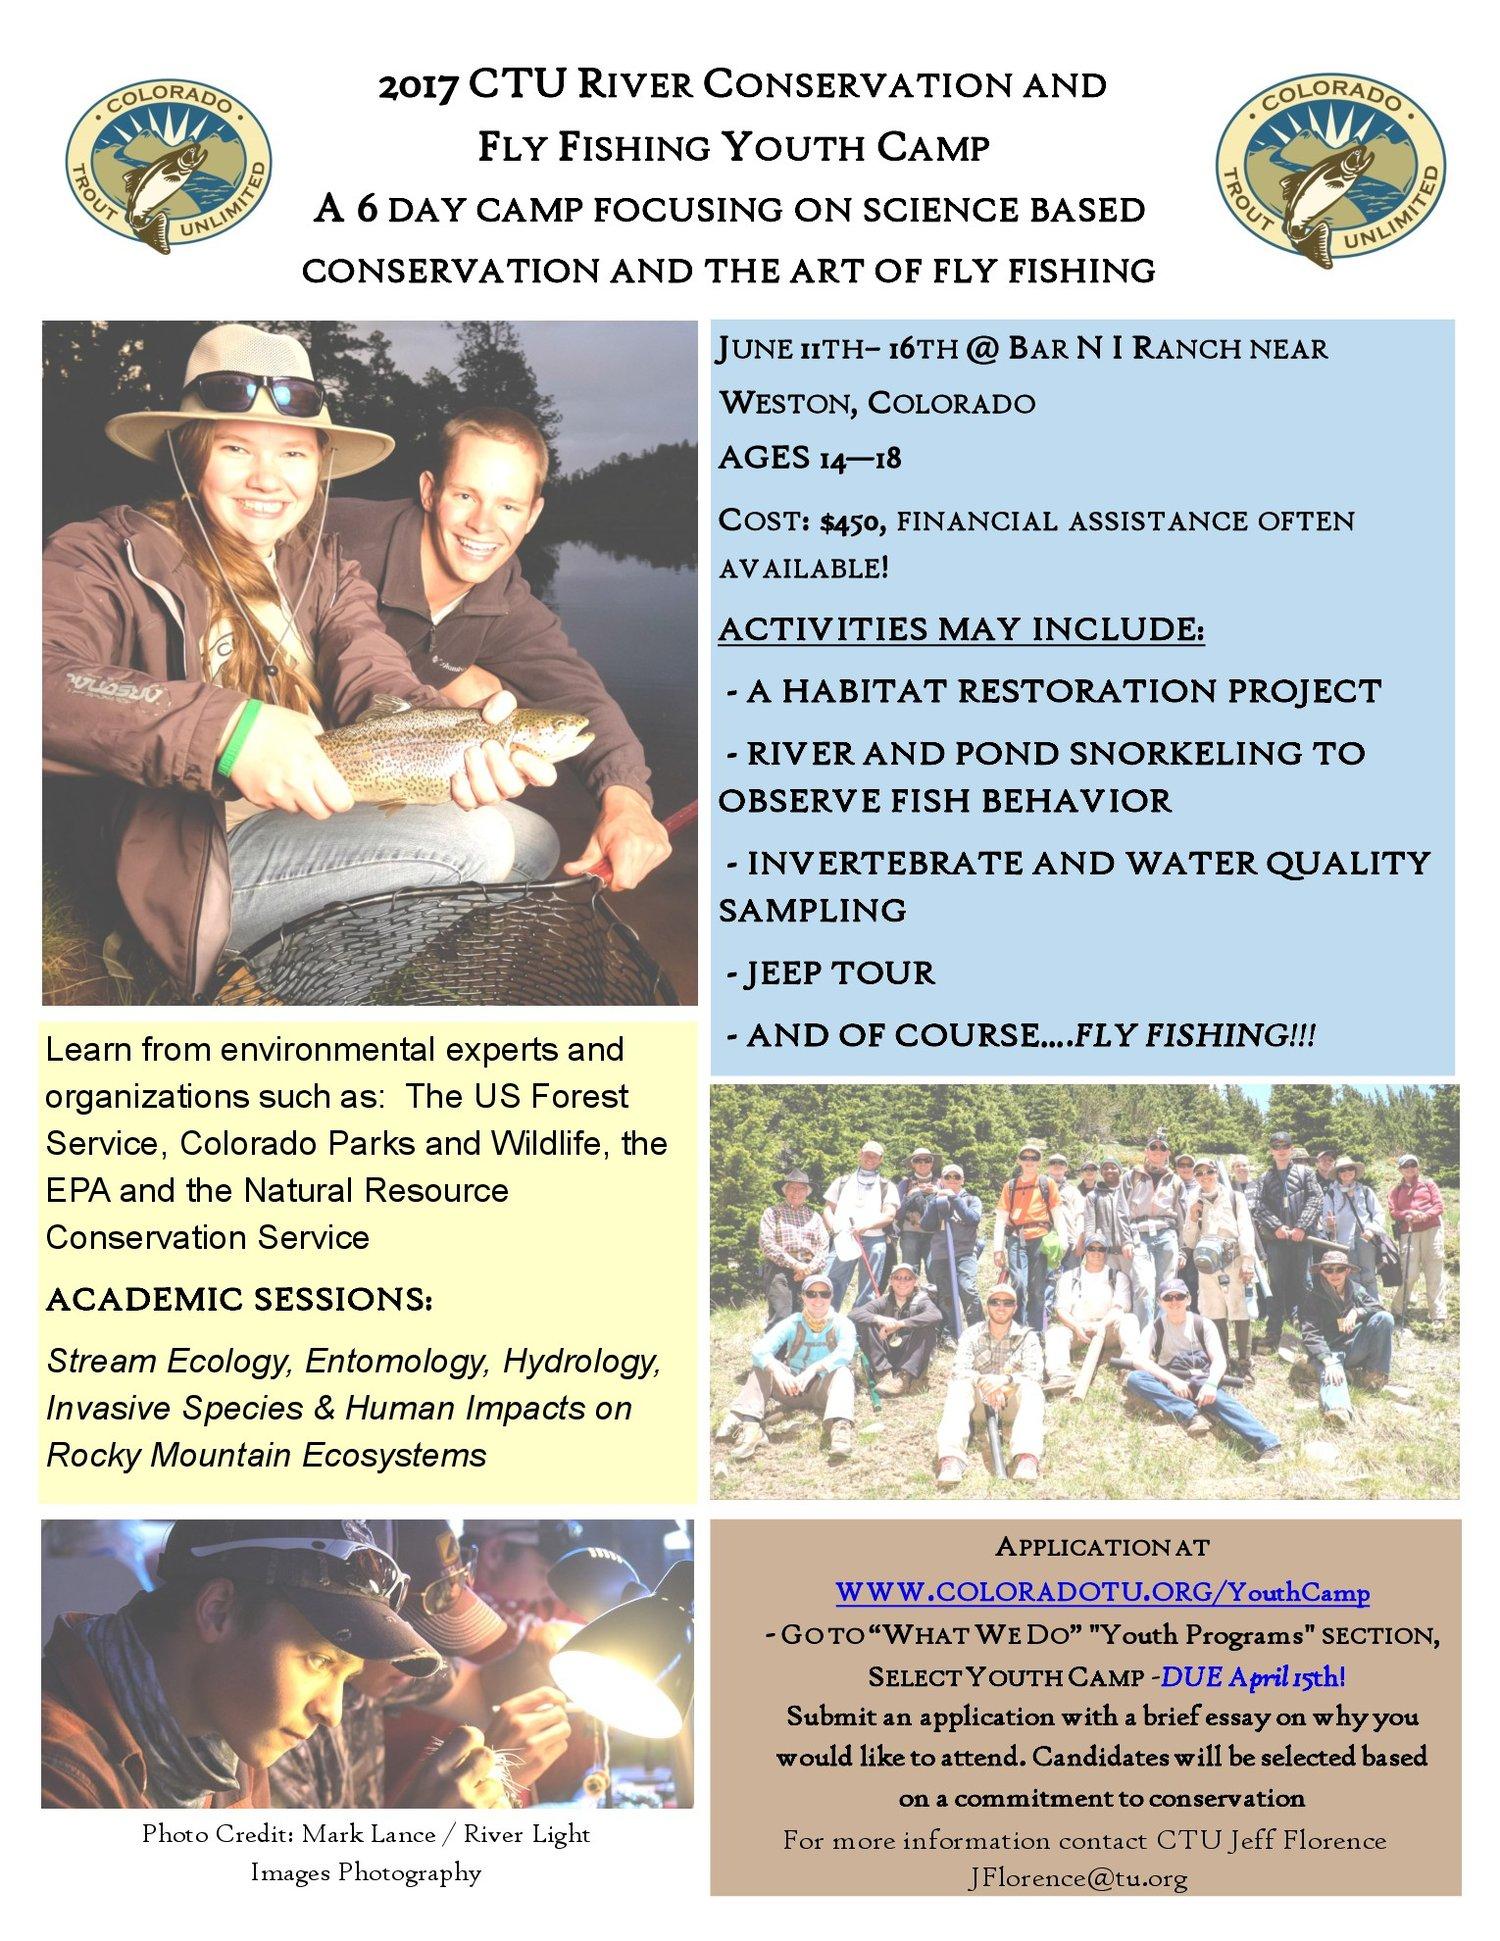 2017 Colorado TU Youth Camp — Ferdinand Hayden Chapter of